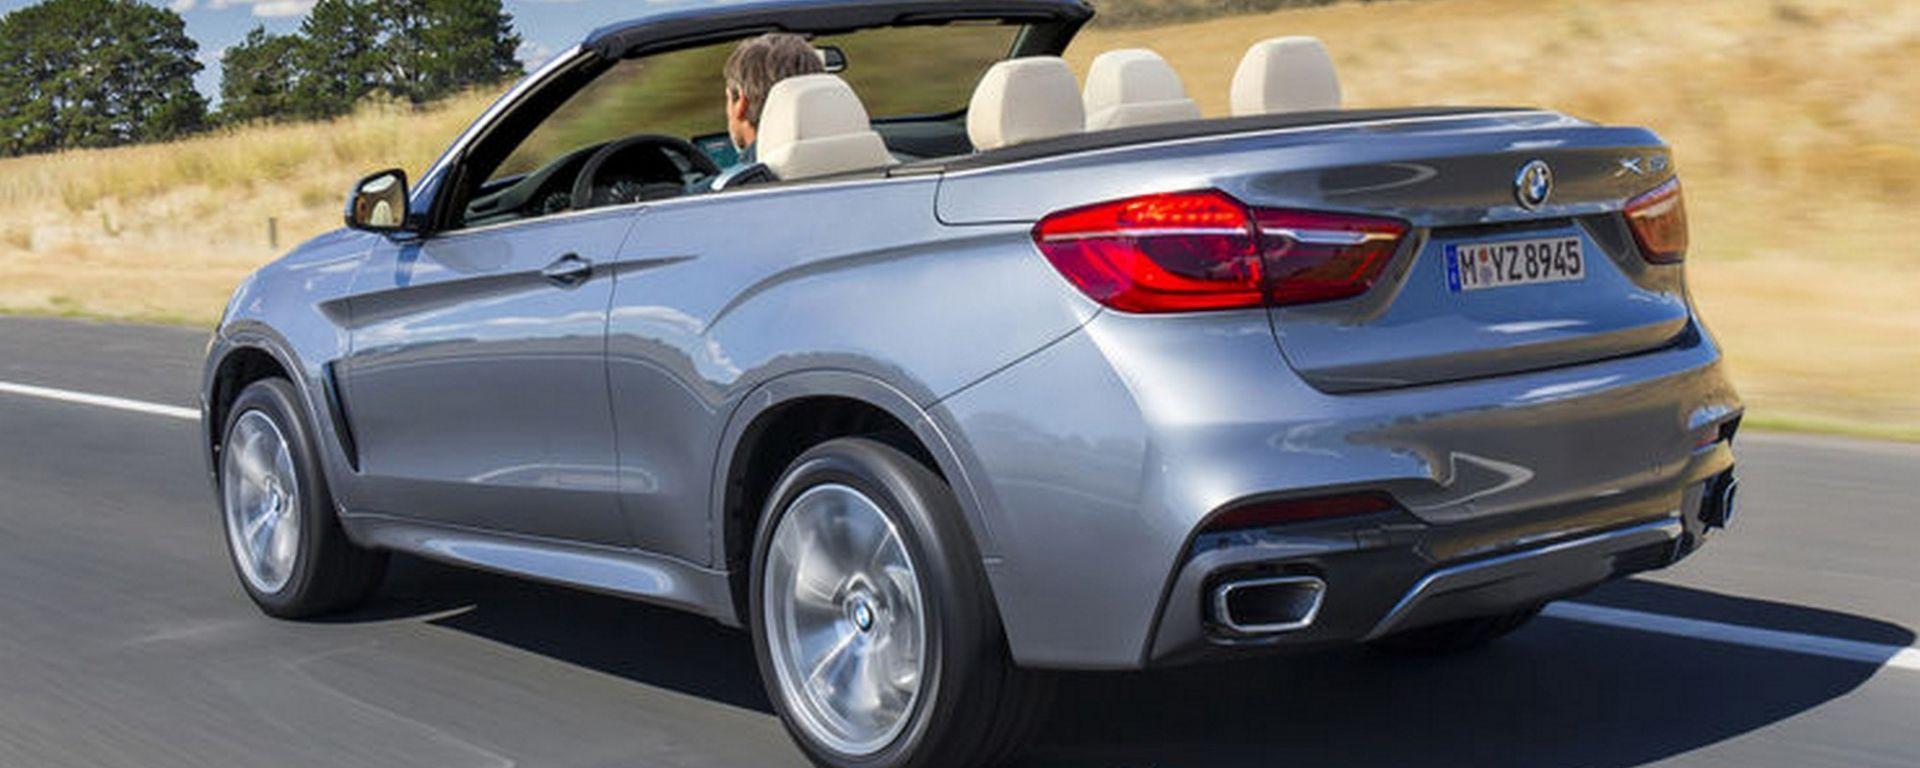 Un Suv cabrio a marchio BMW? Perché no...